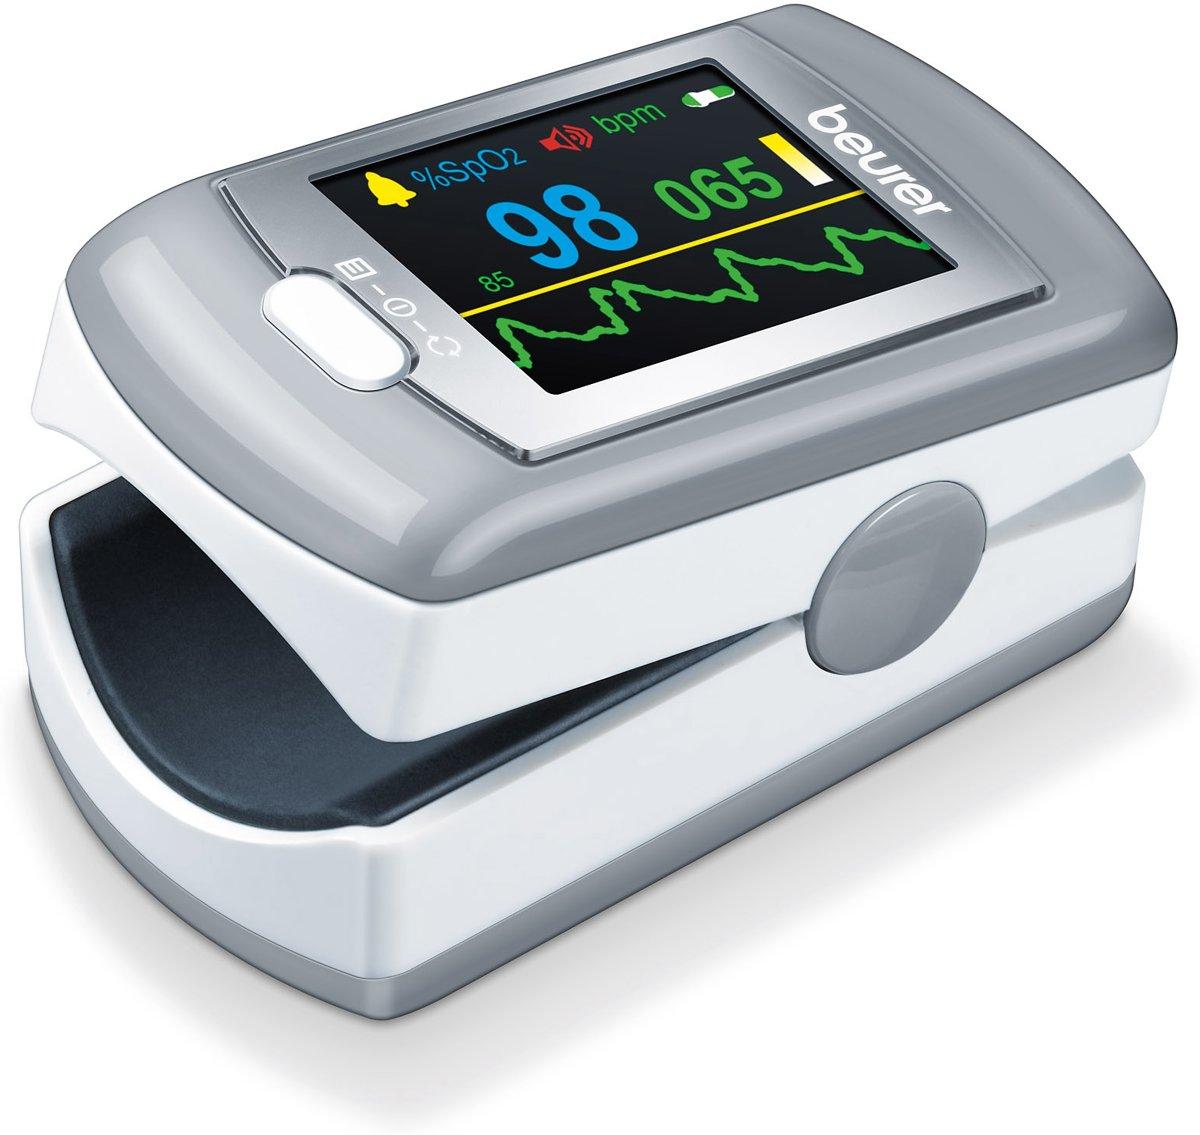 Beurer PO80 - Saturatiemeter/Pulseoximeter - Hartslagmeter - USB data-overdracht